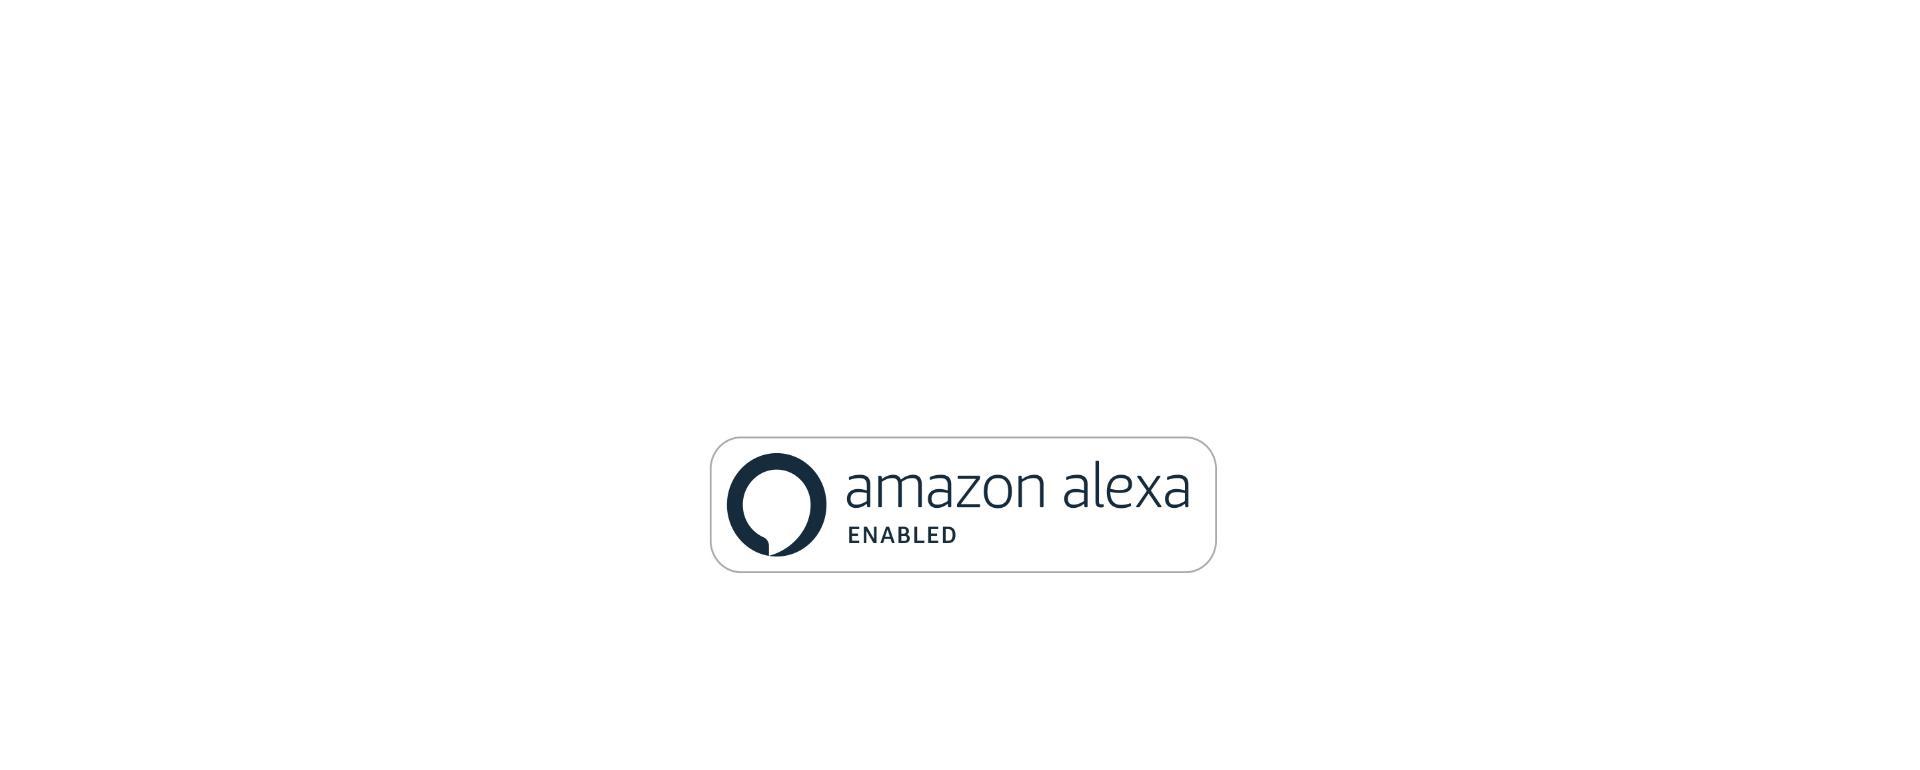 Amazon Alexa logosu